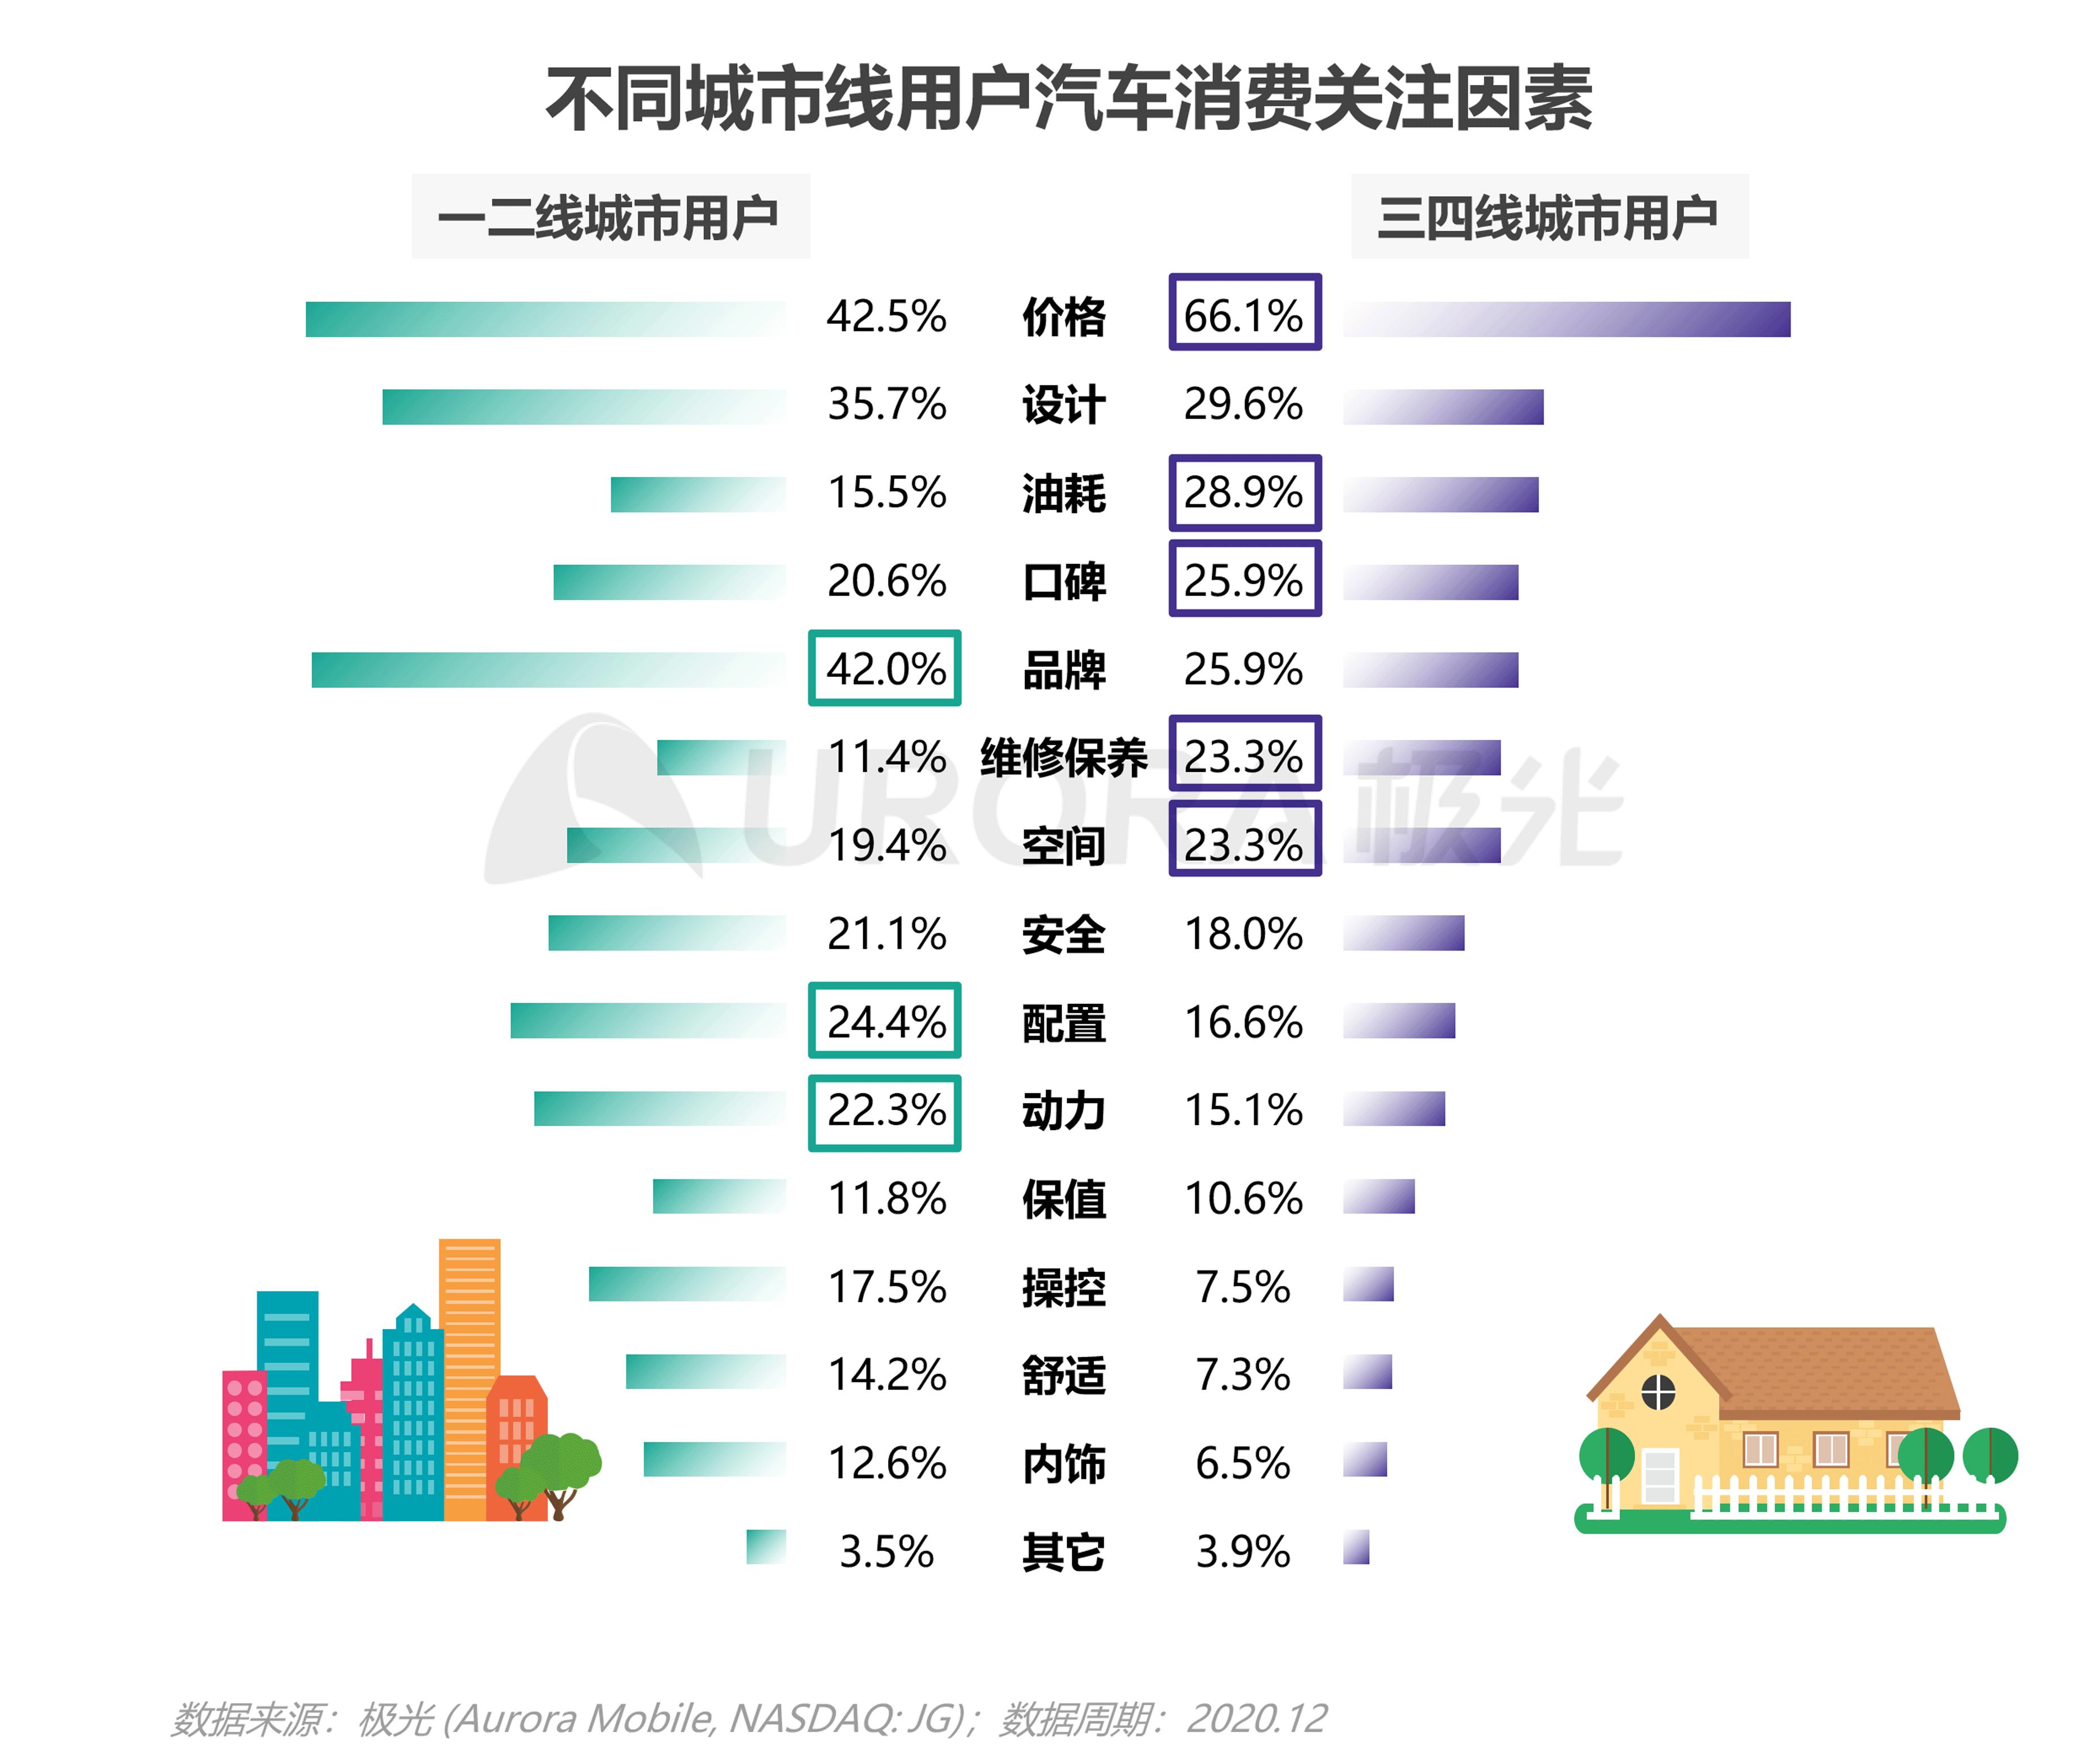 极光:汽车资讯行业洞察 (13).png